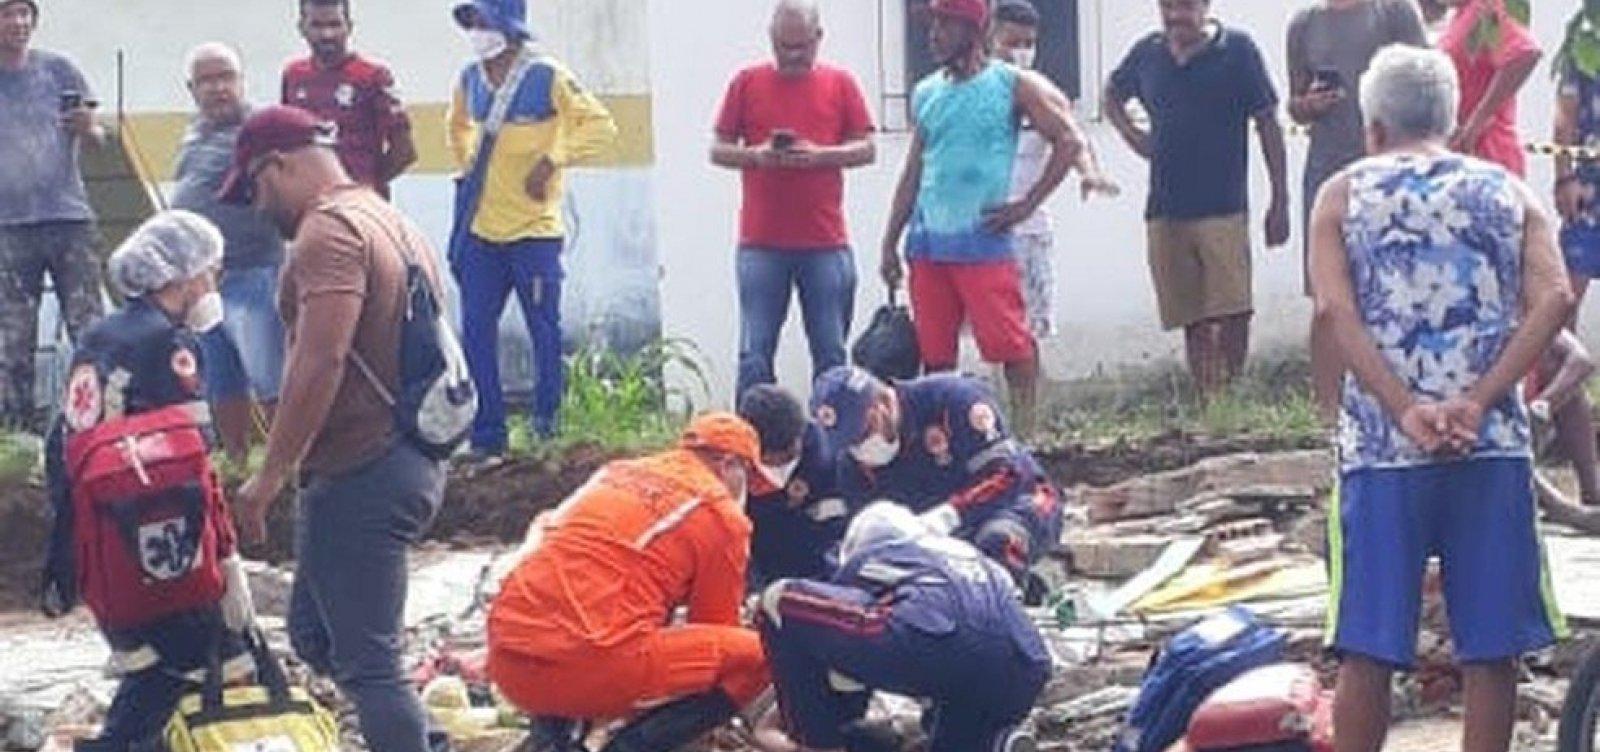 Homem não resiste a ferimentos e é segunda vítima de queda de muro em Itabuna